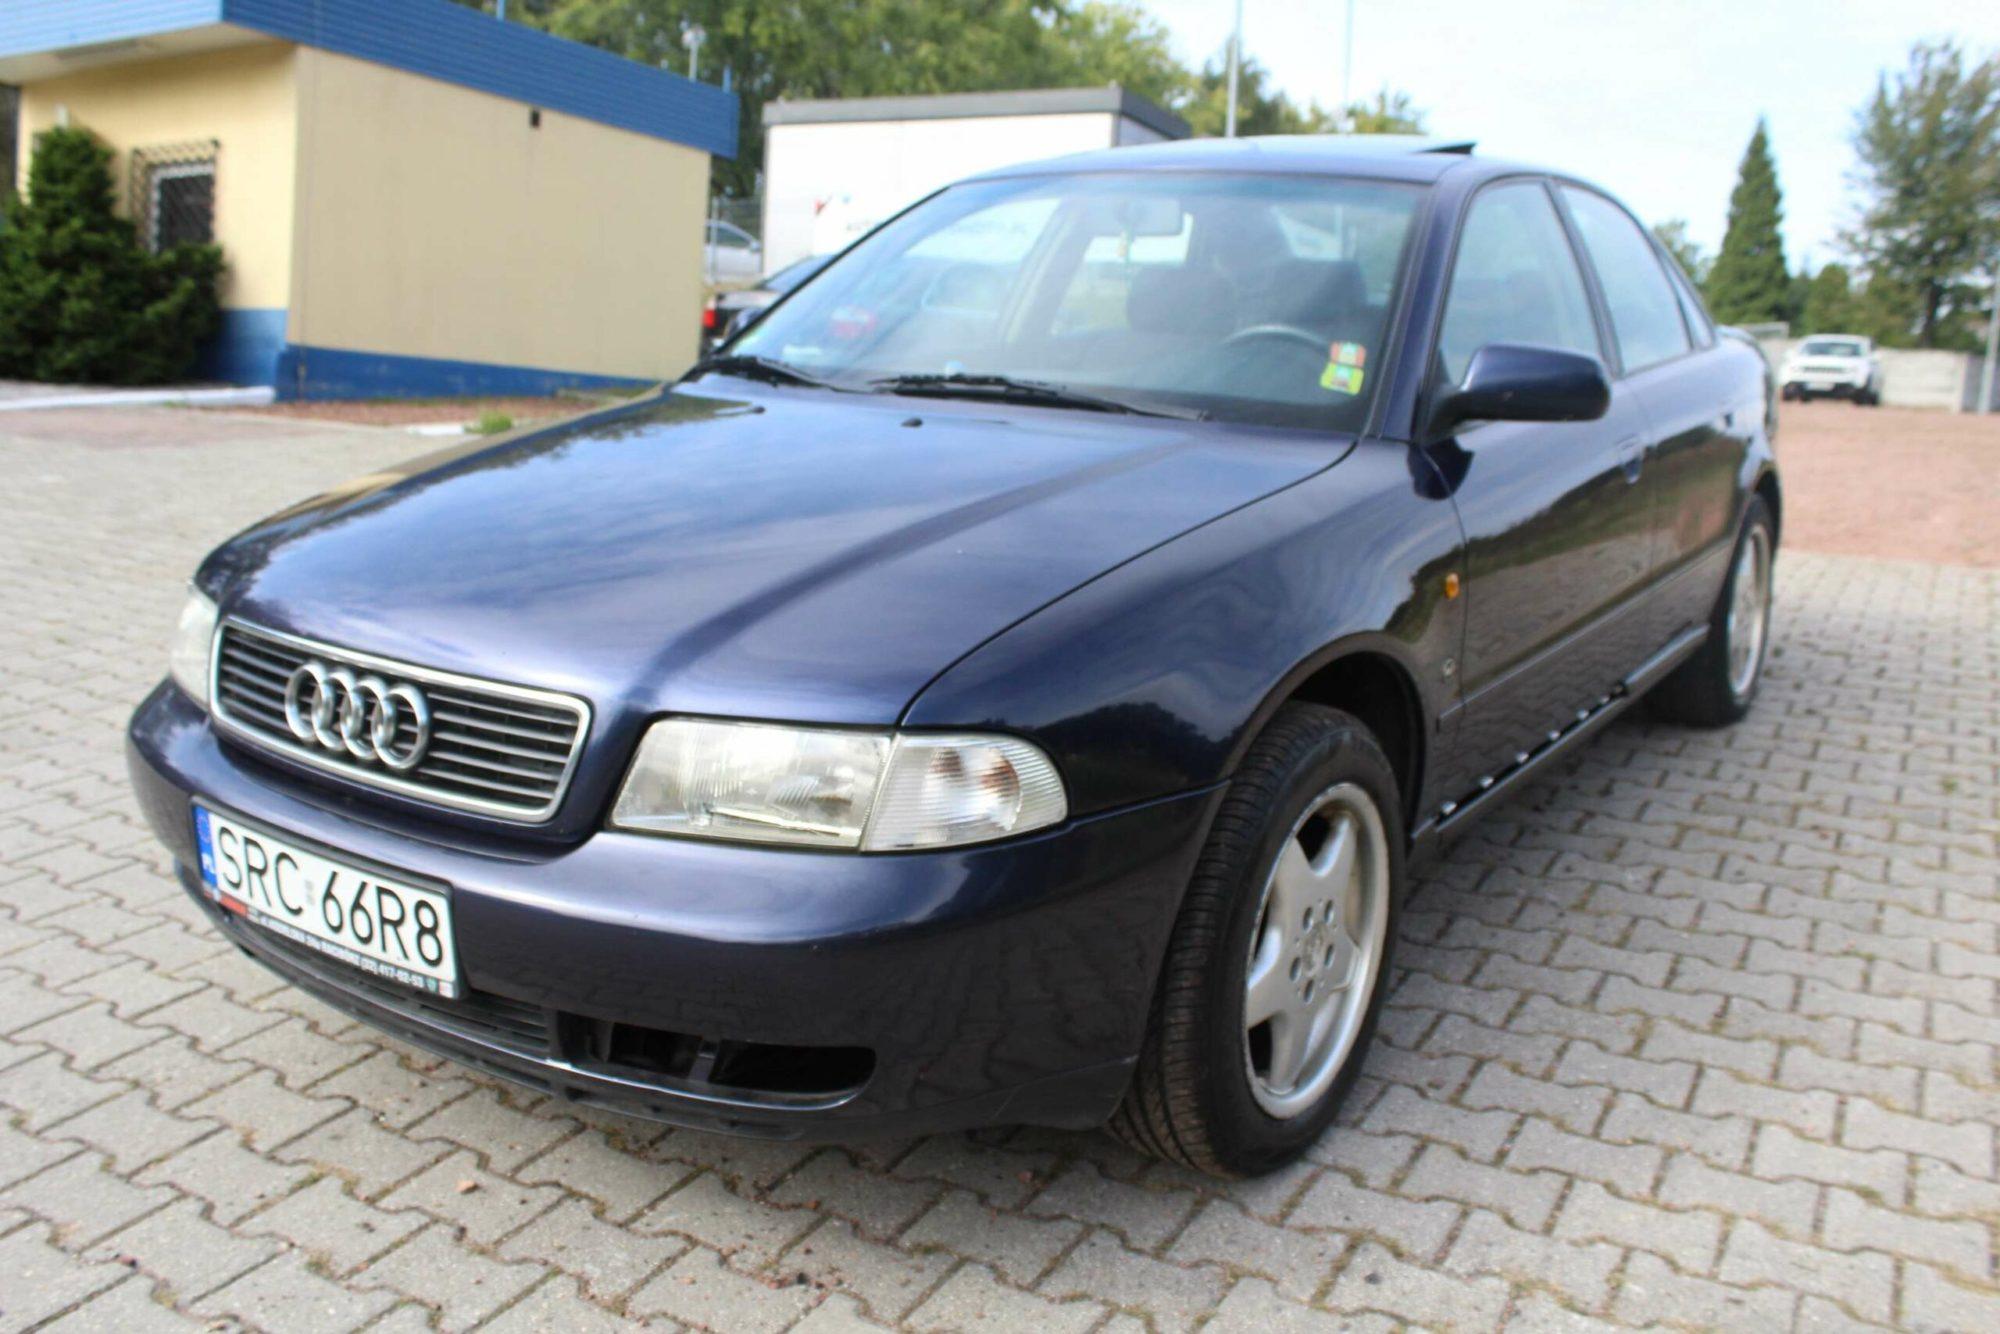 Audi A4 - Samochód za 5 tysięcy złotych!